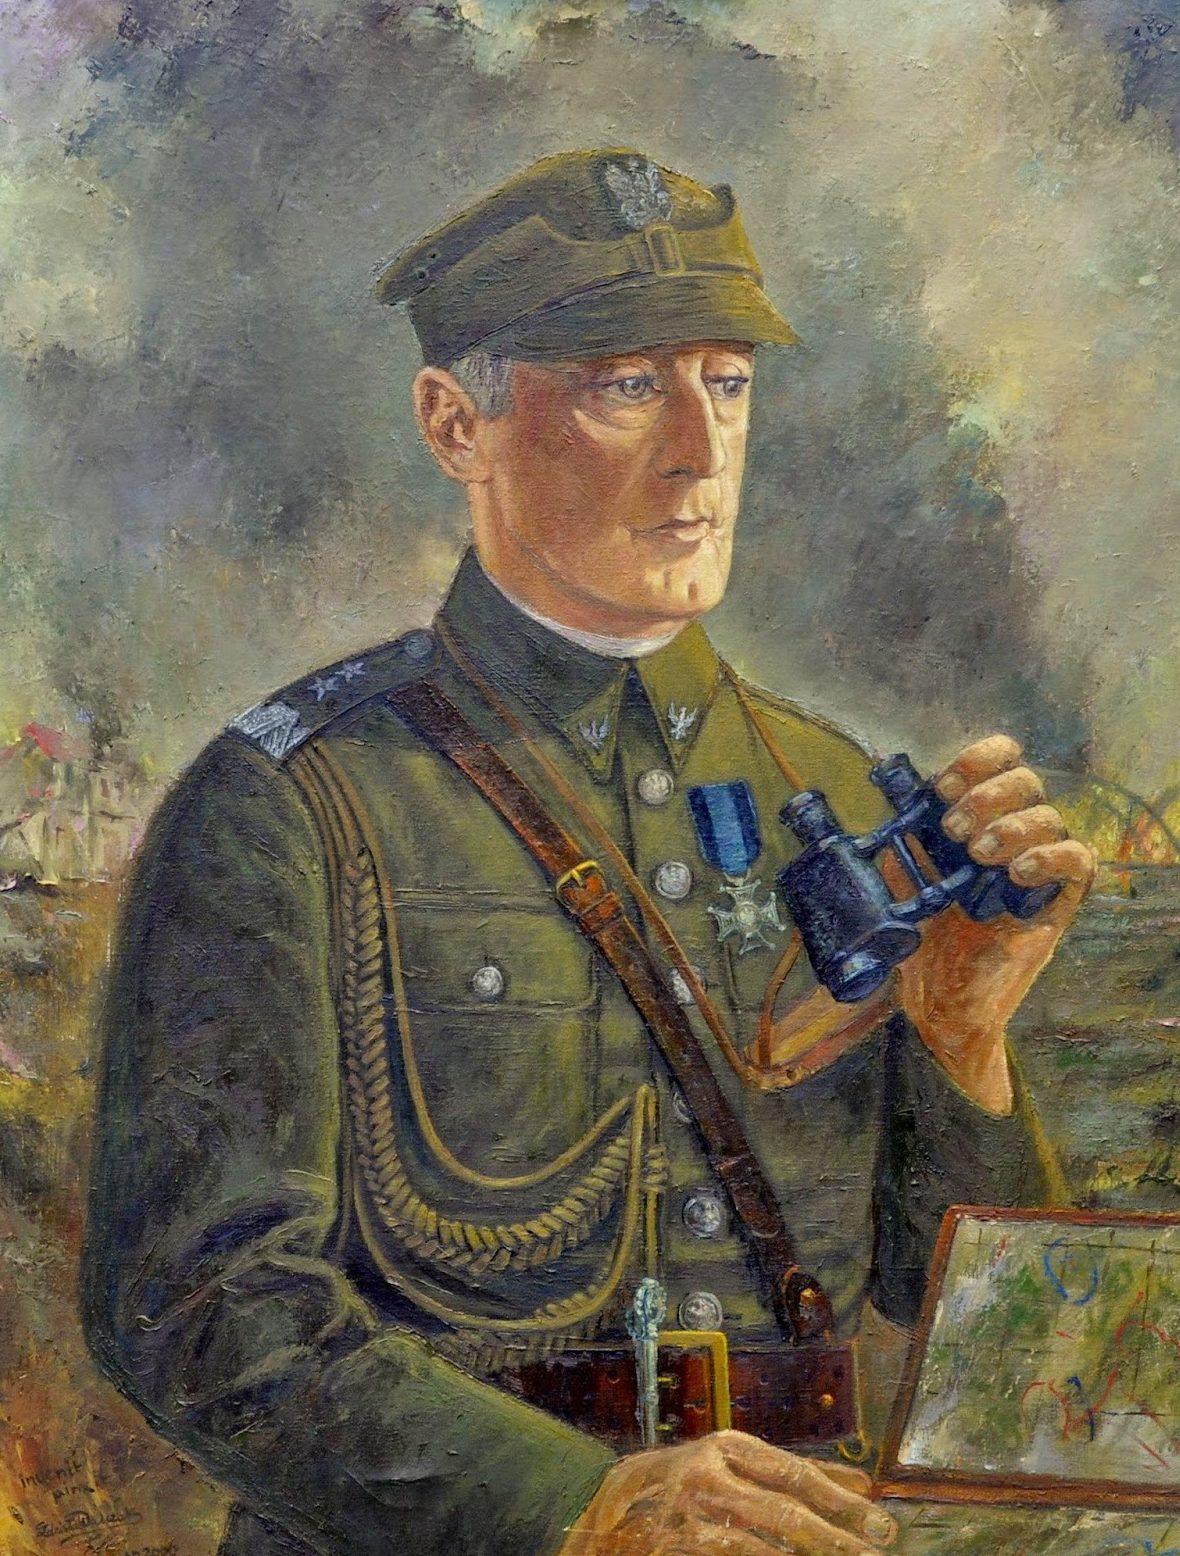 Walczak Zdzisław. Генерал Władysław Bortnowski.